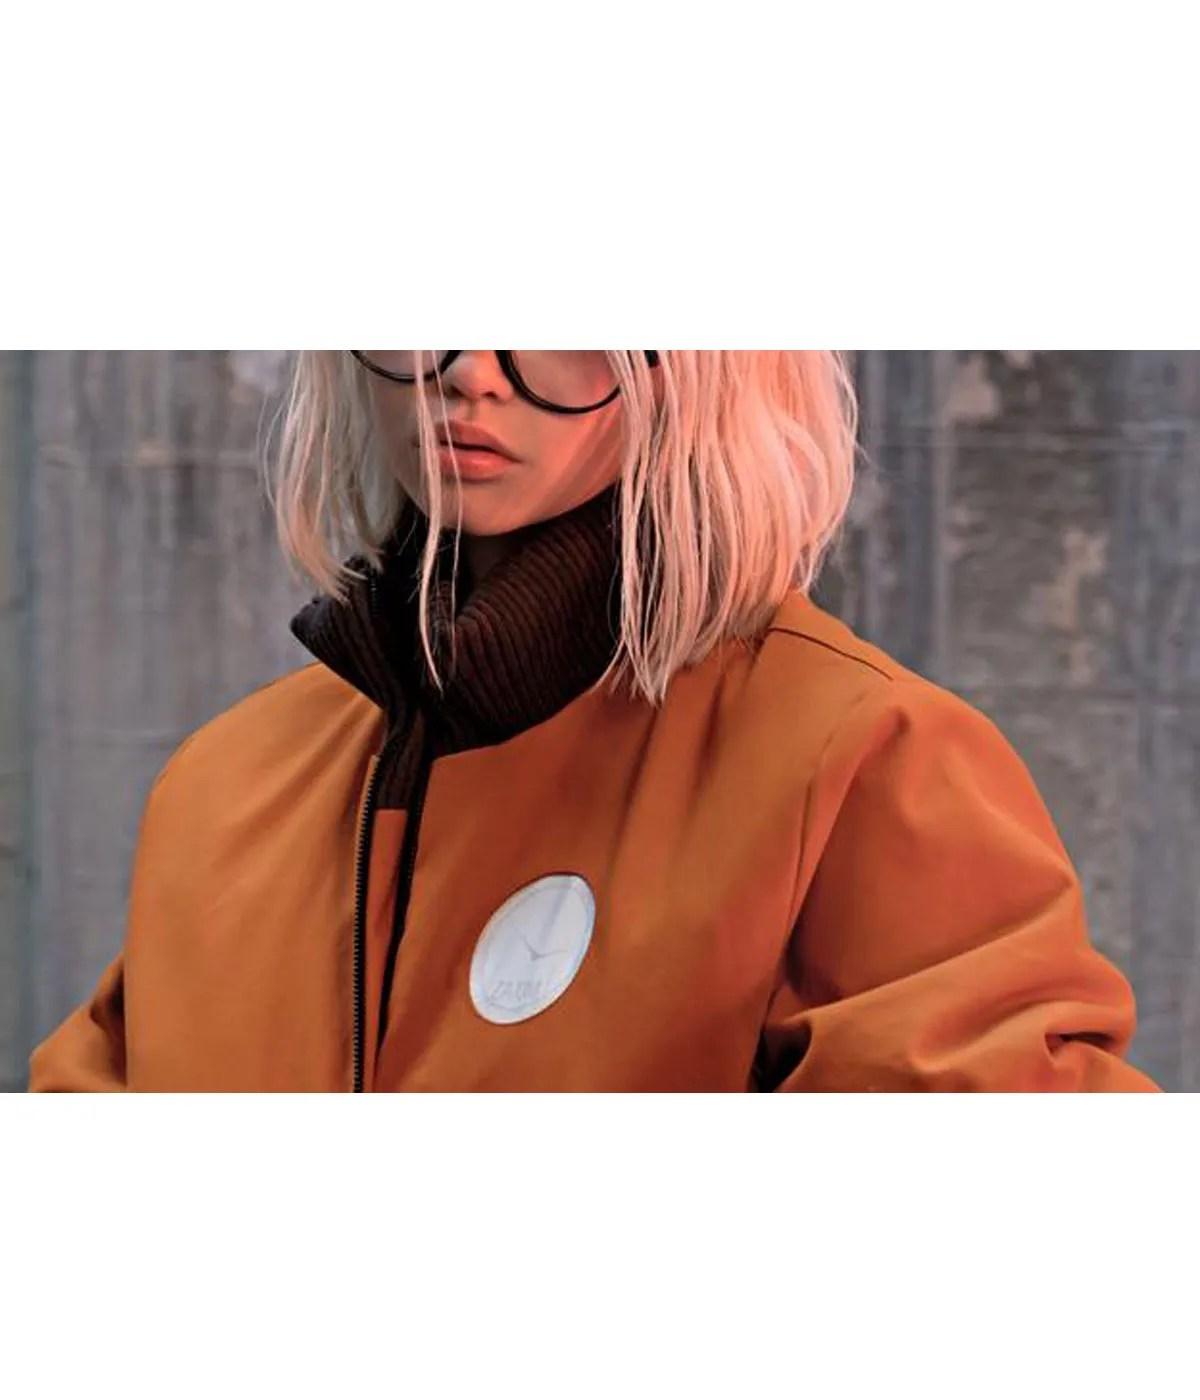 aerostatic-orange-jacket